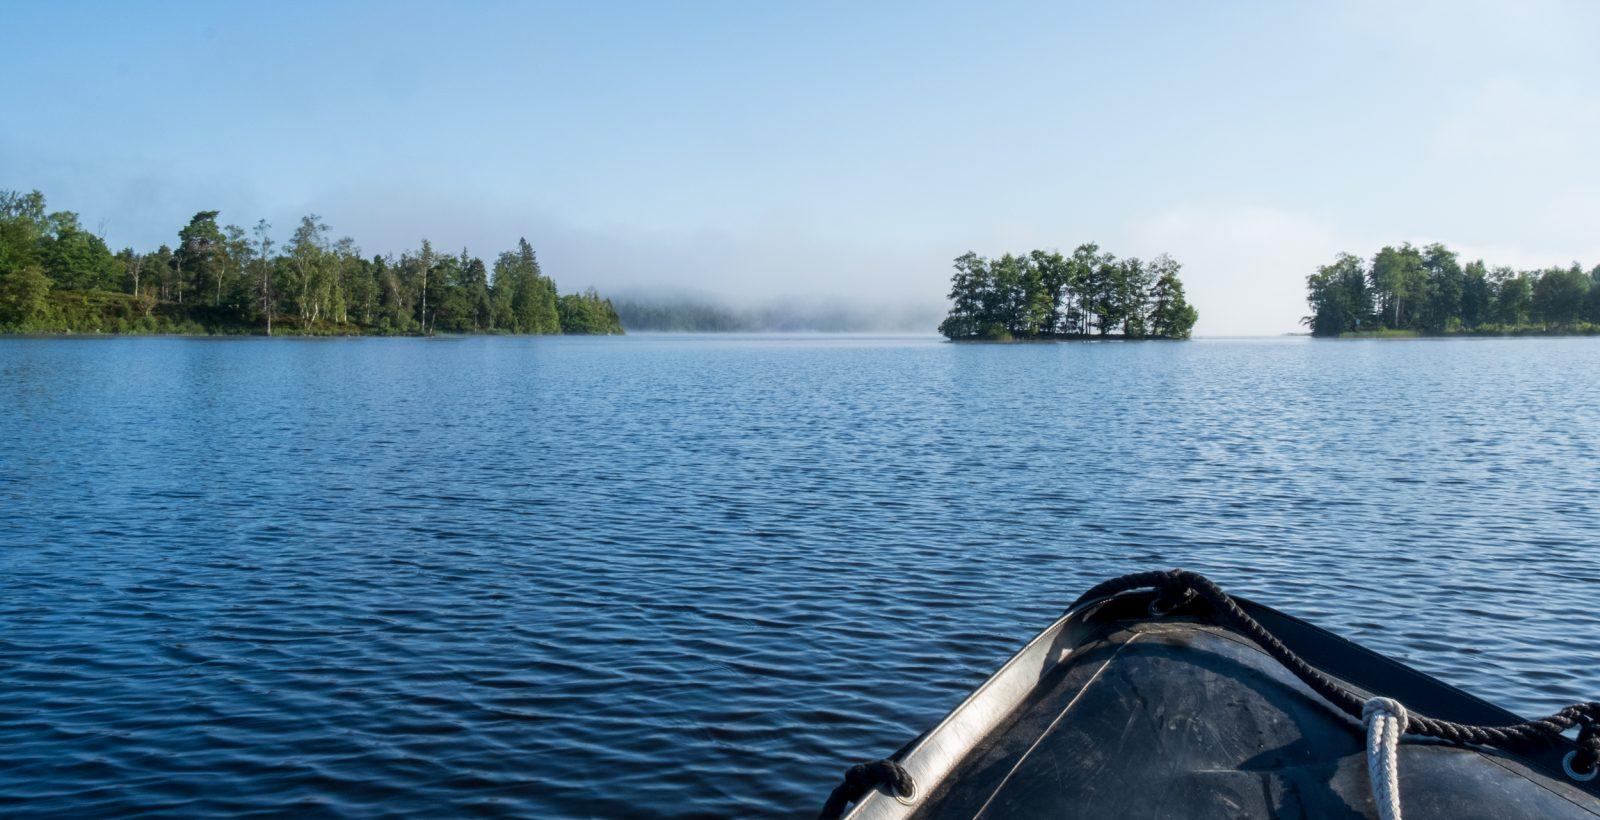 Fören av en båt som åker på en disig sjö. Foto.